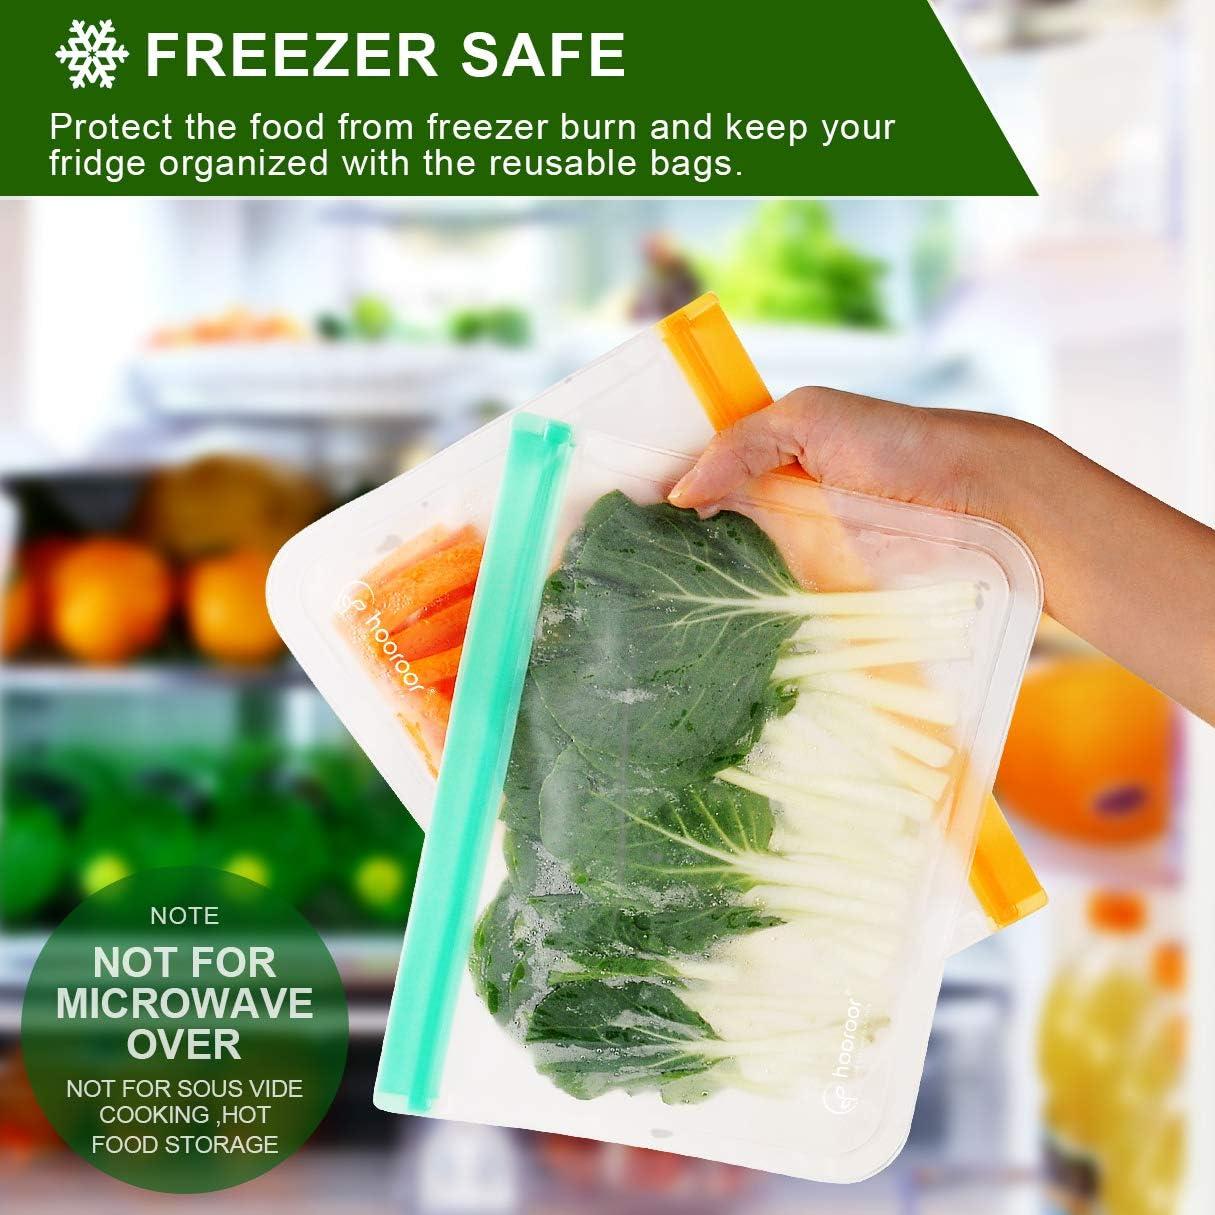 Bolsas de Conservaci/ón Congelador Bolsas Preservaci/ón de Alimento Herm/ética para Bocadillos Fruta Verduras Carne y S/ándwich Redmoo Bolsas de Almacenamiento Reutilizables 12 Pack Aprobado por la FDA